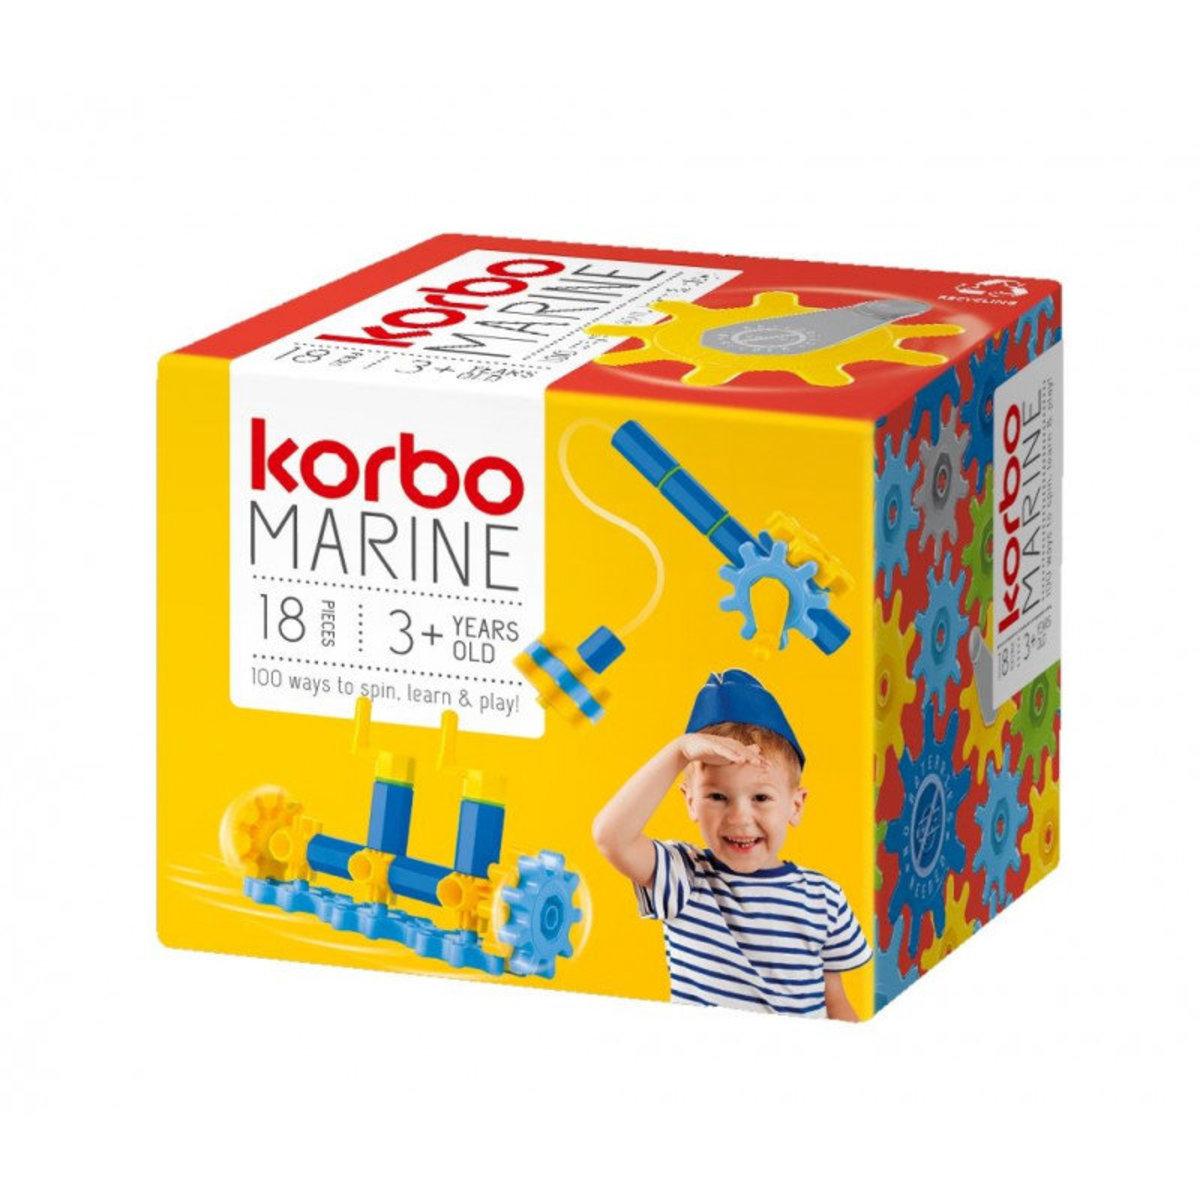 R1409- Korbo Marine